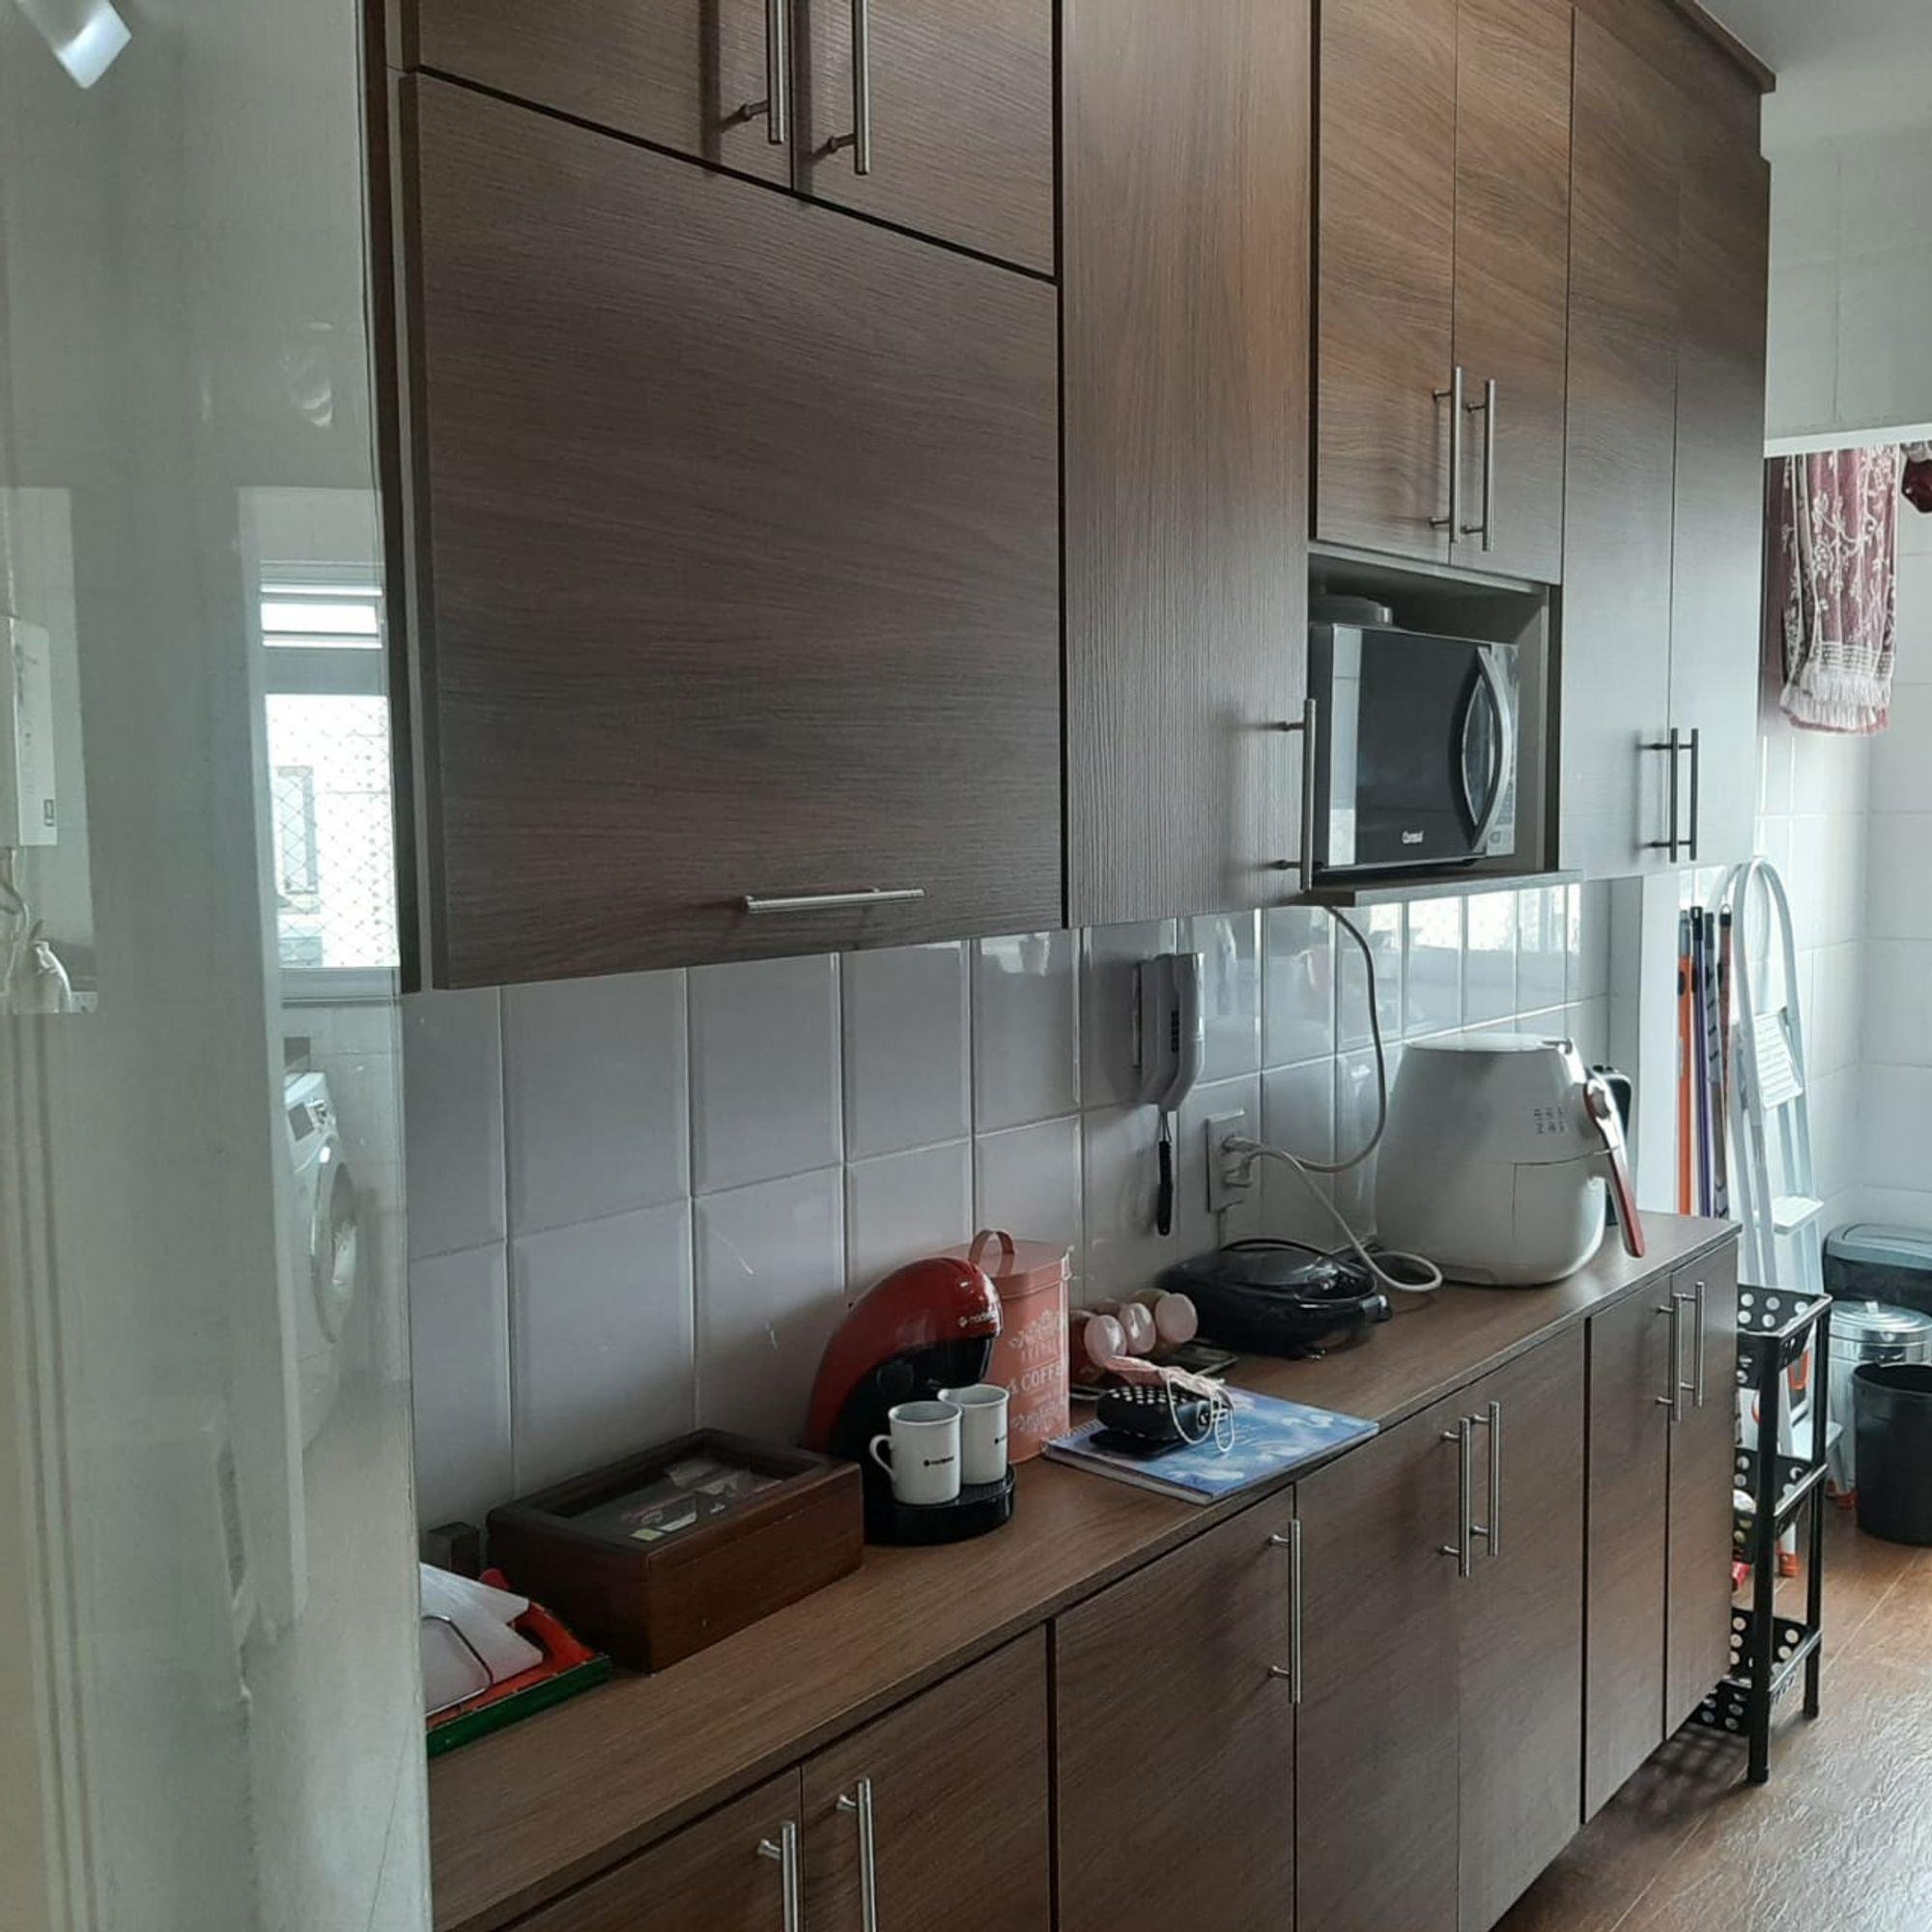 Foto de Cozinha com microondas